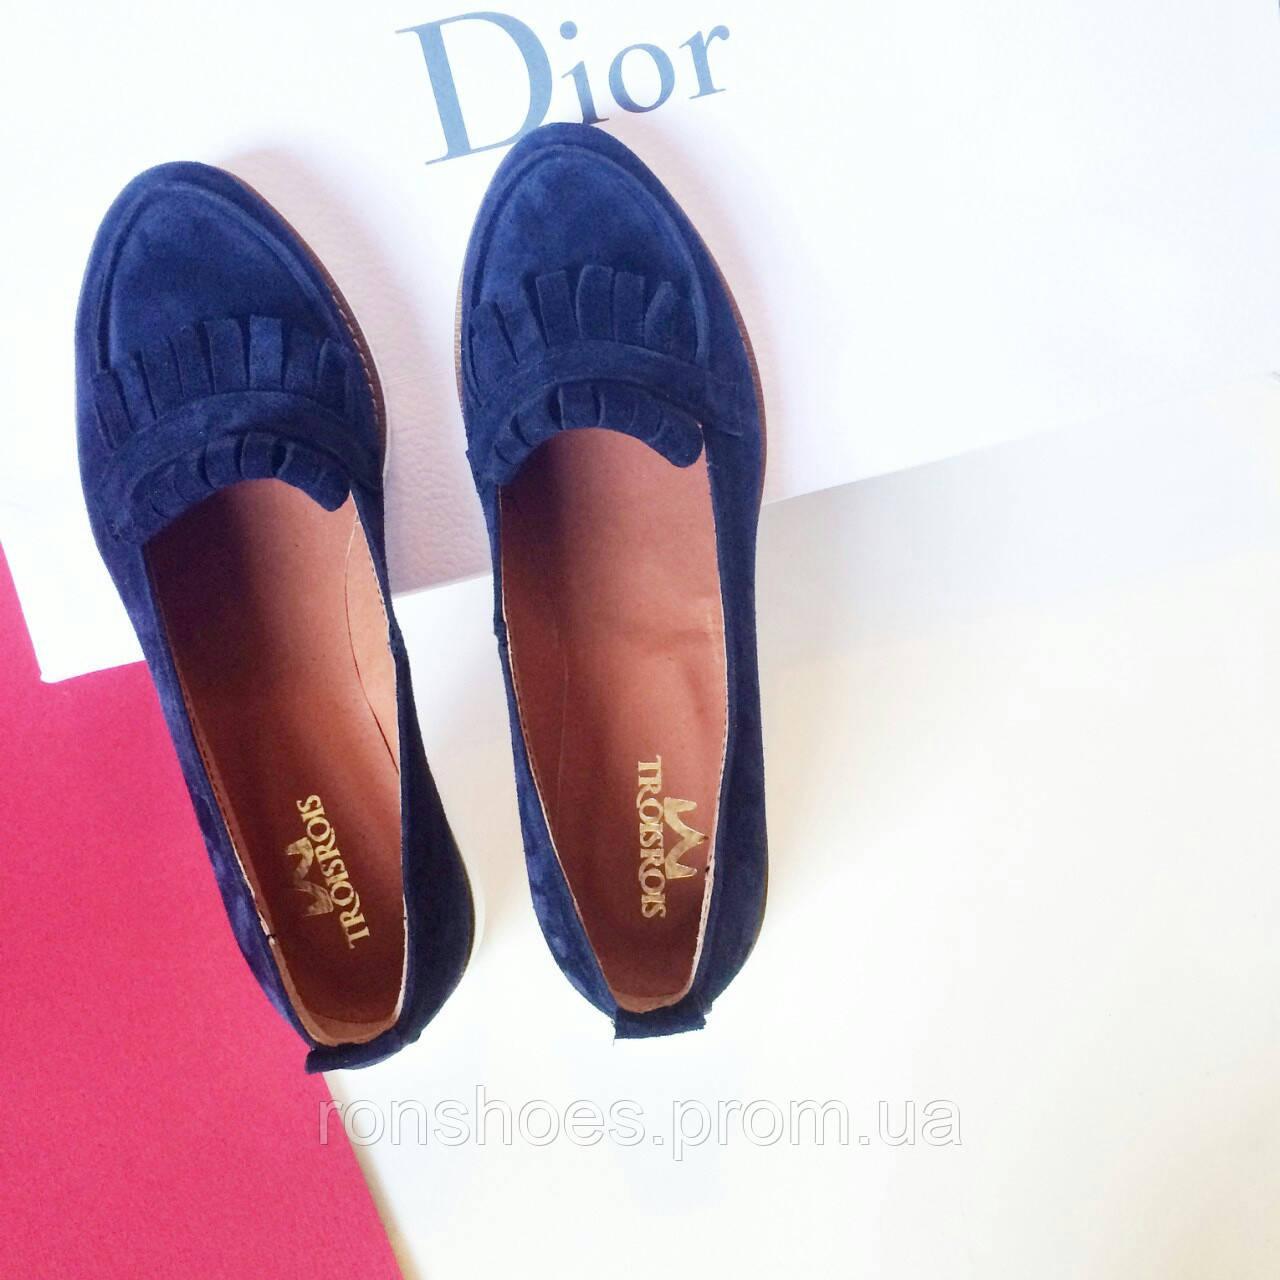 db1bf5a56 Стильные женские комфортные туфли- лоферы от TroisRois из натурального  турецкого замша, ...